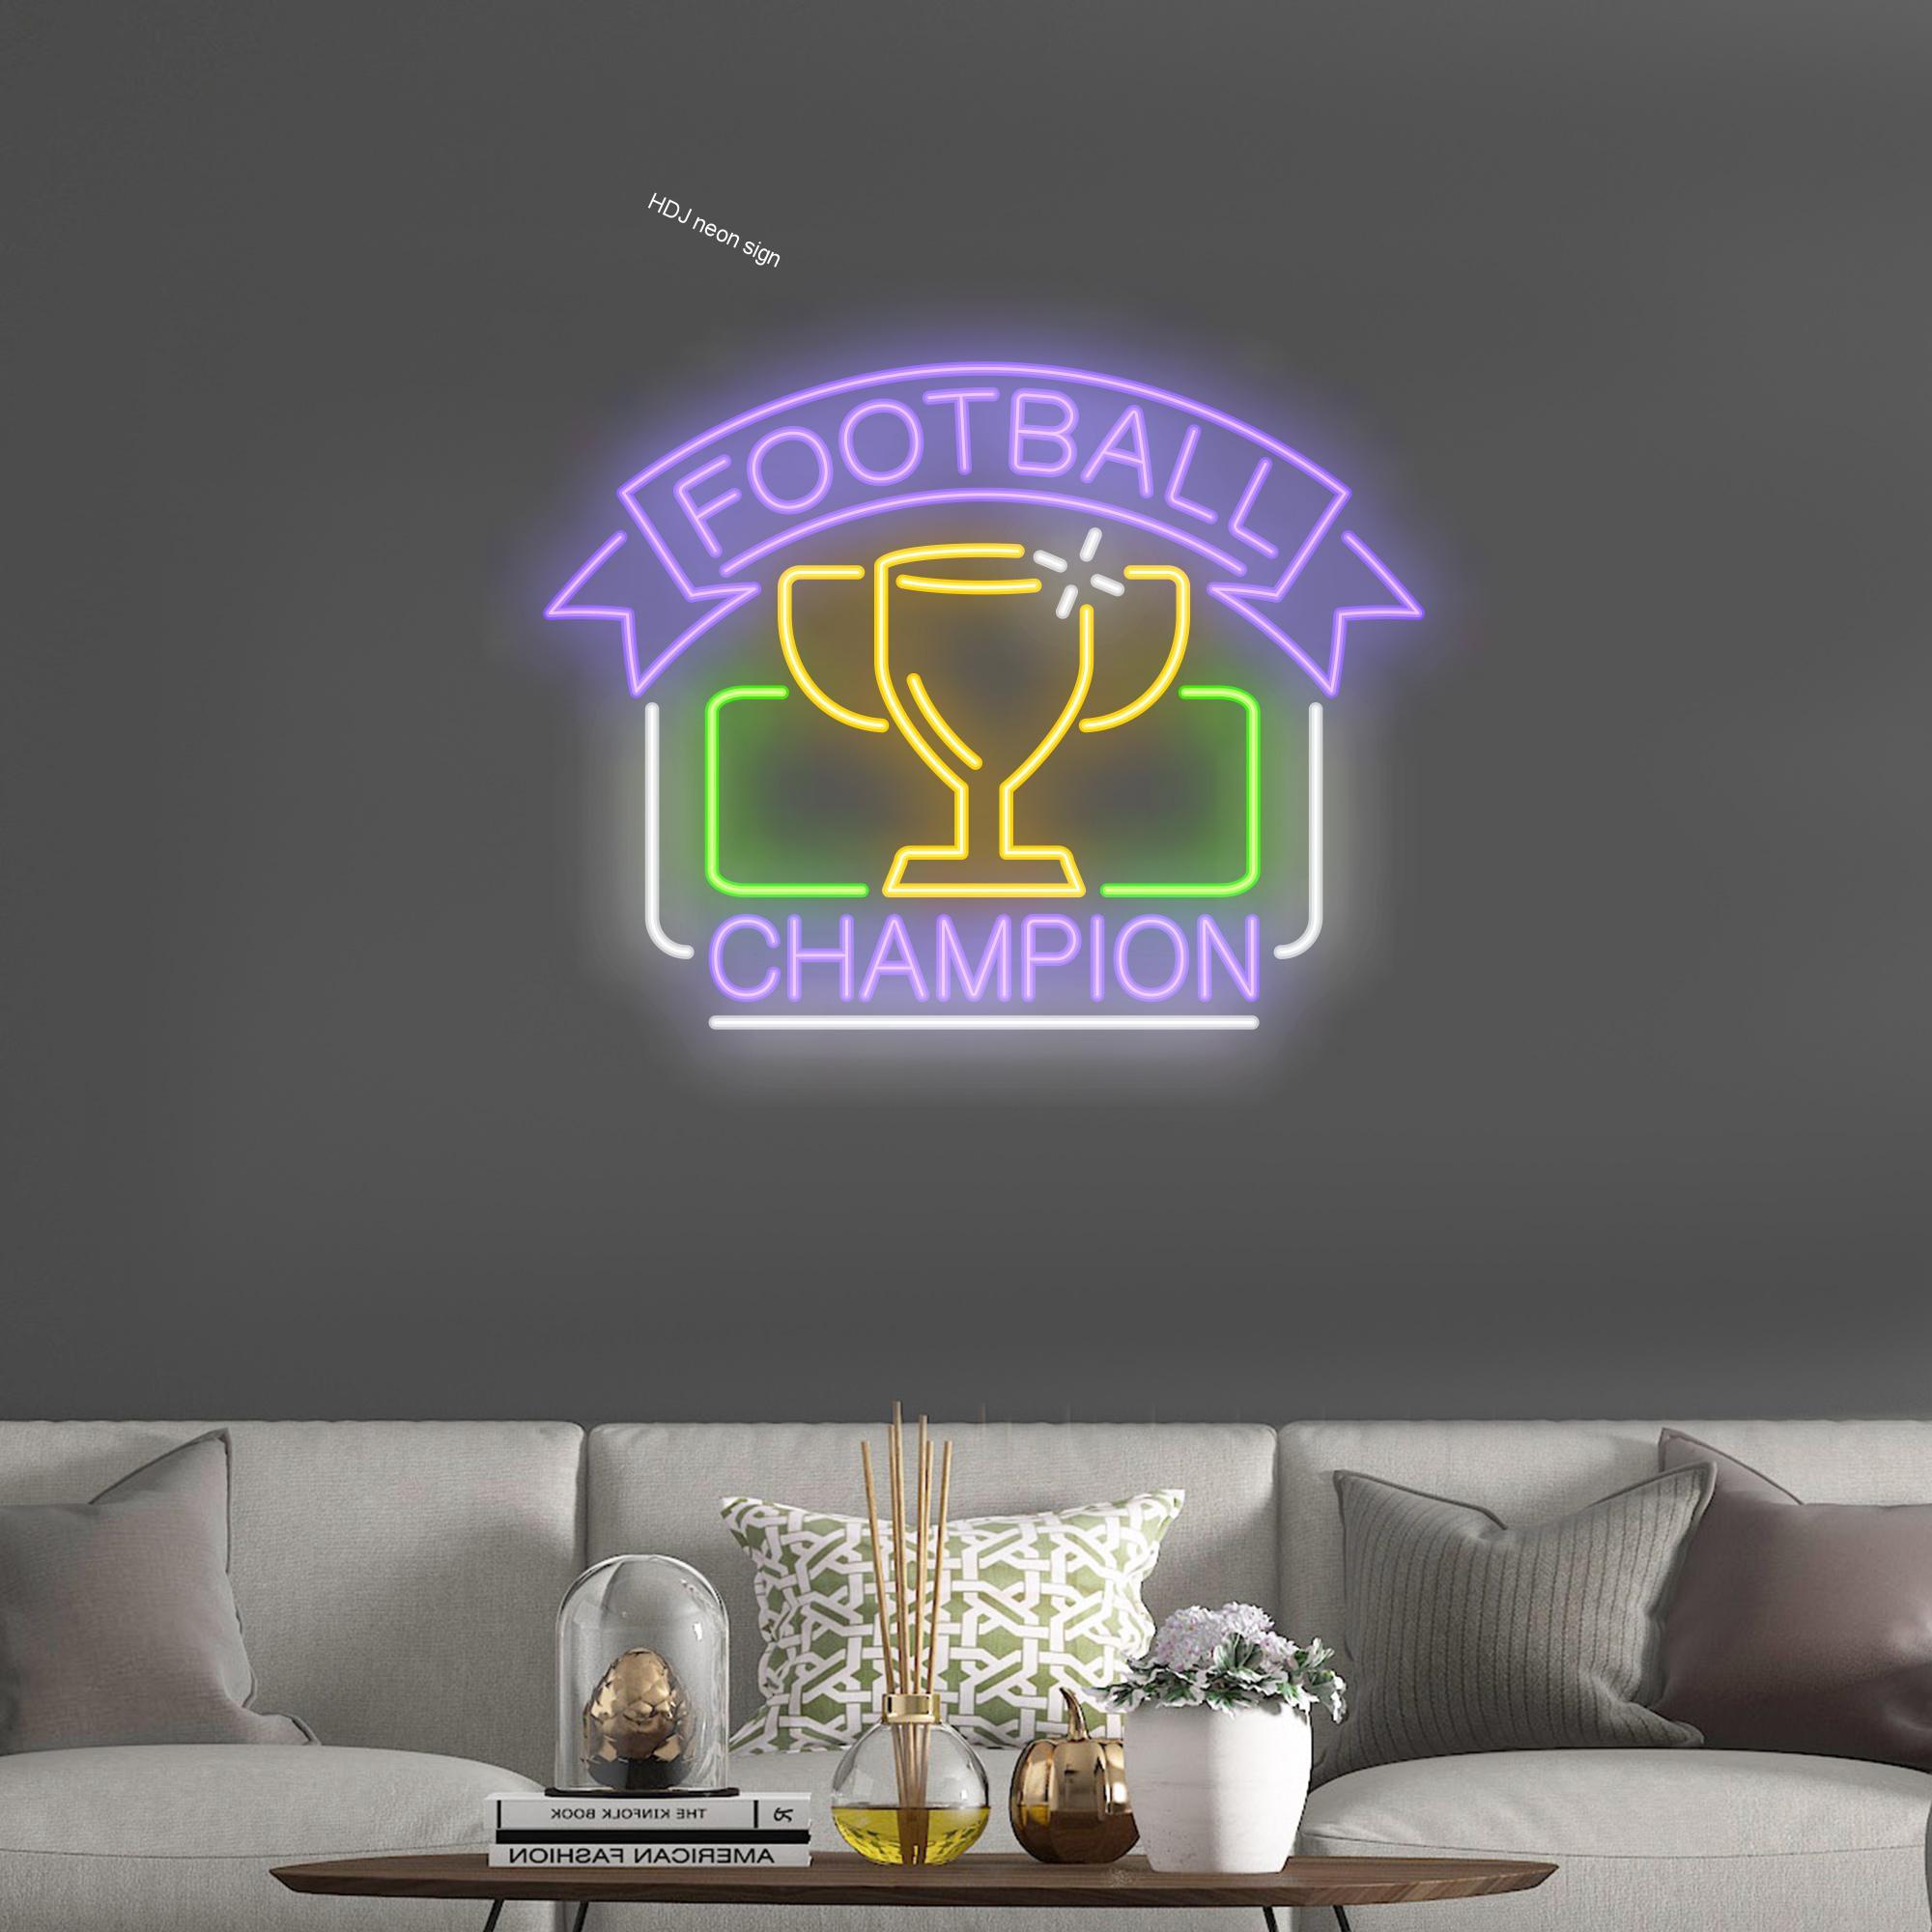 كرة القدم بطل شخصية النيون تسجيل مصباح ليد مناسبة لشريط Celbration الطرف الإبداعية هدية لصديق